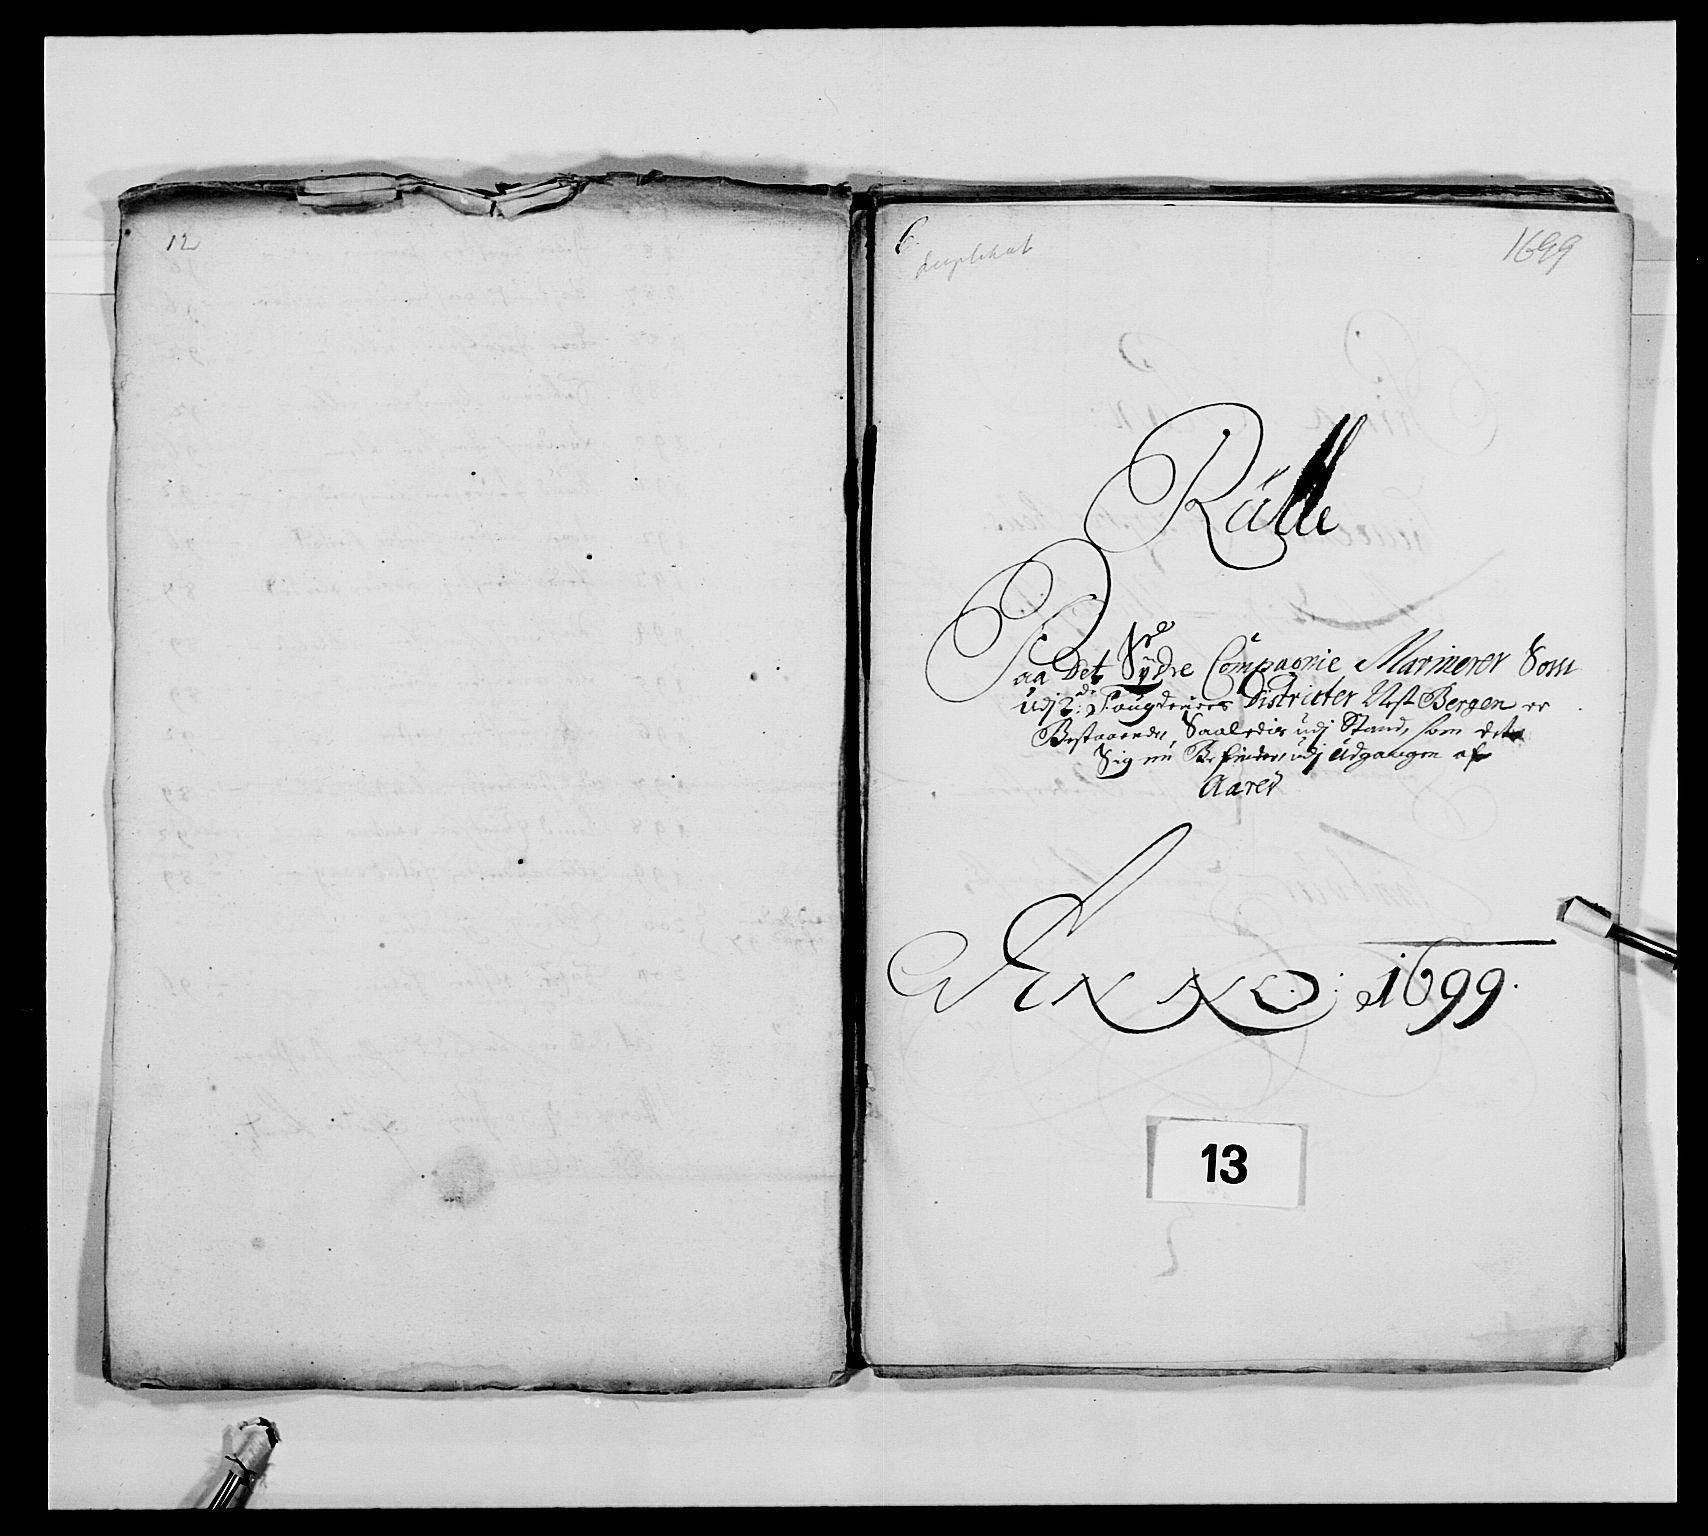 RA, Kommanderende general (KG I) med Det norske krigsdirektorium, E/Ea/L0473: Marineregimentet, 1664-1700, s. 196